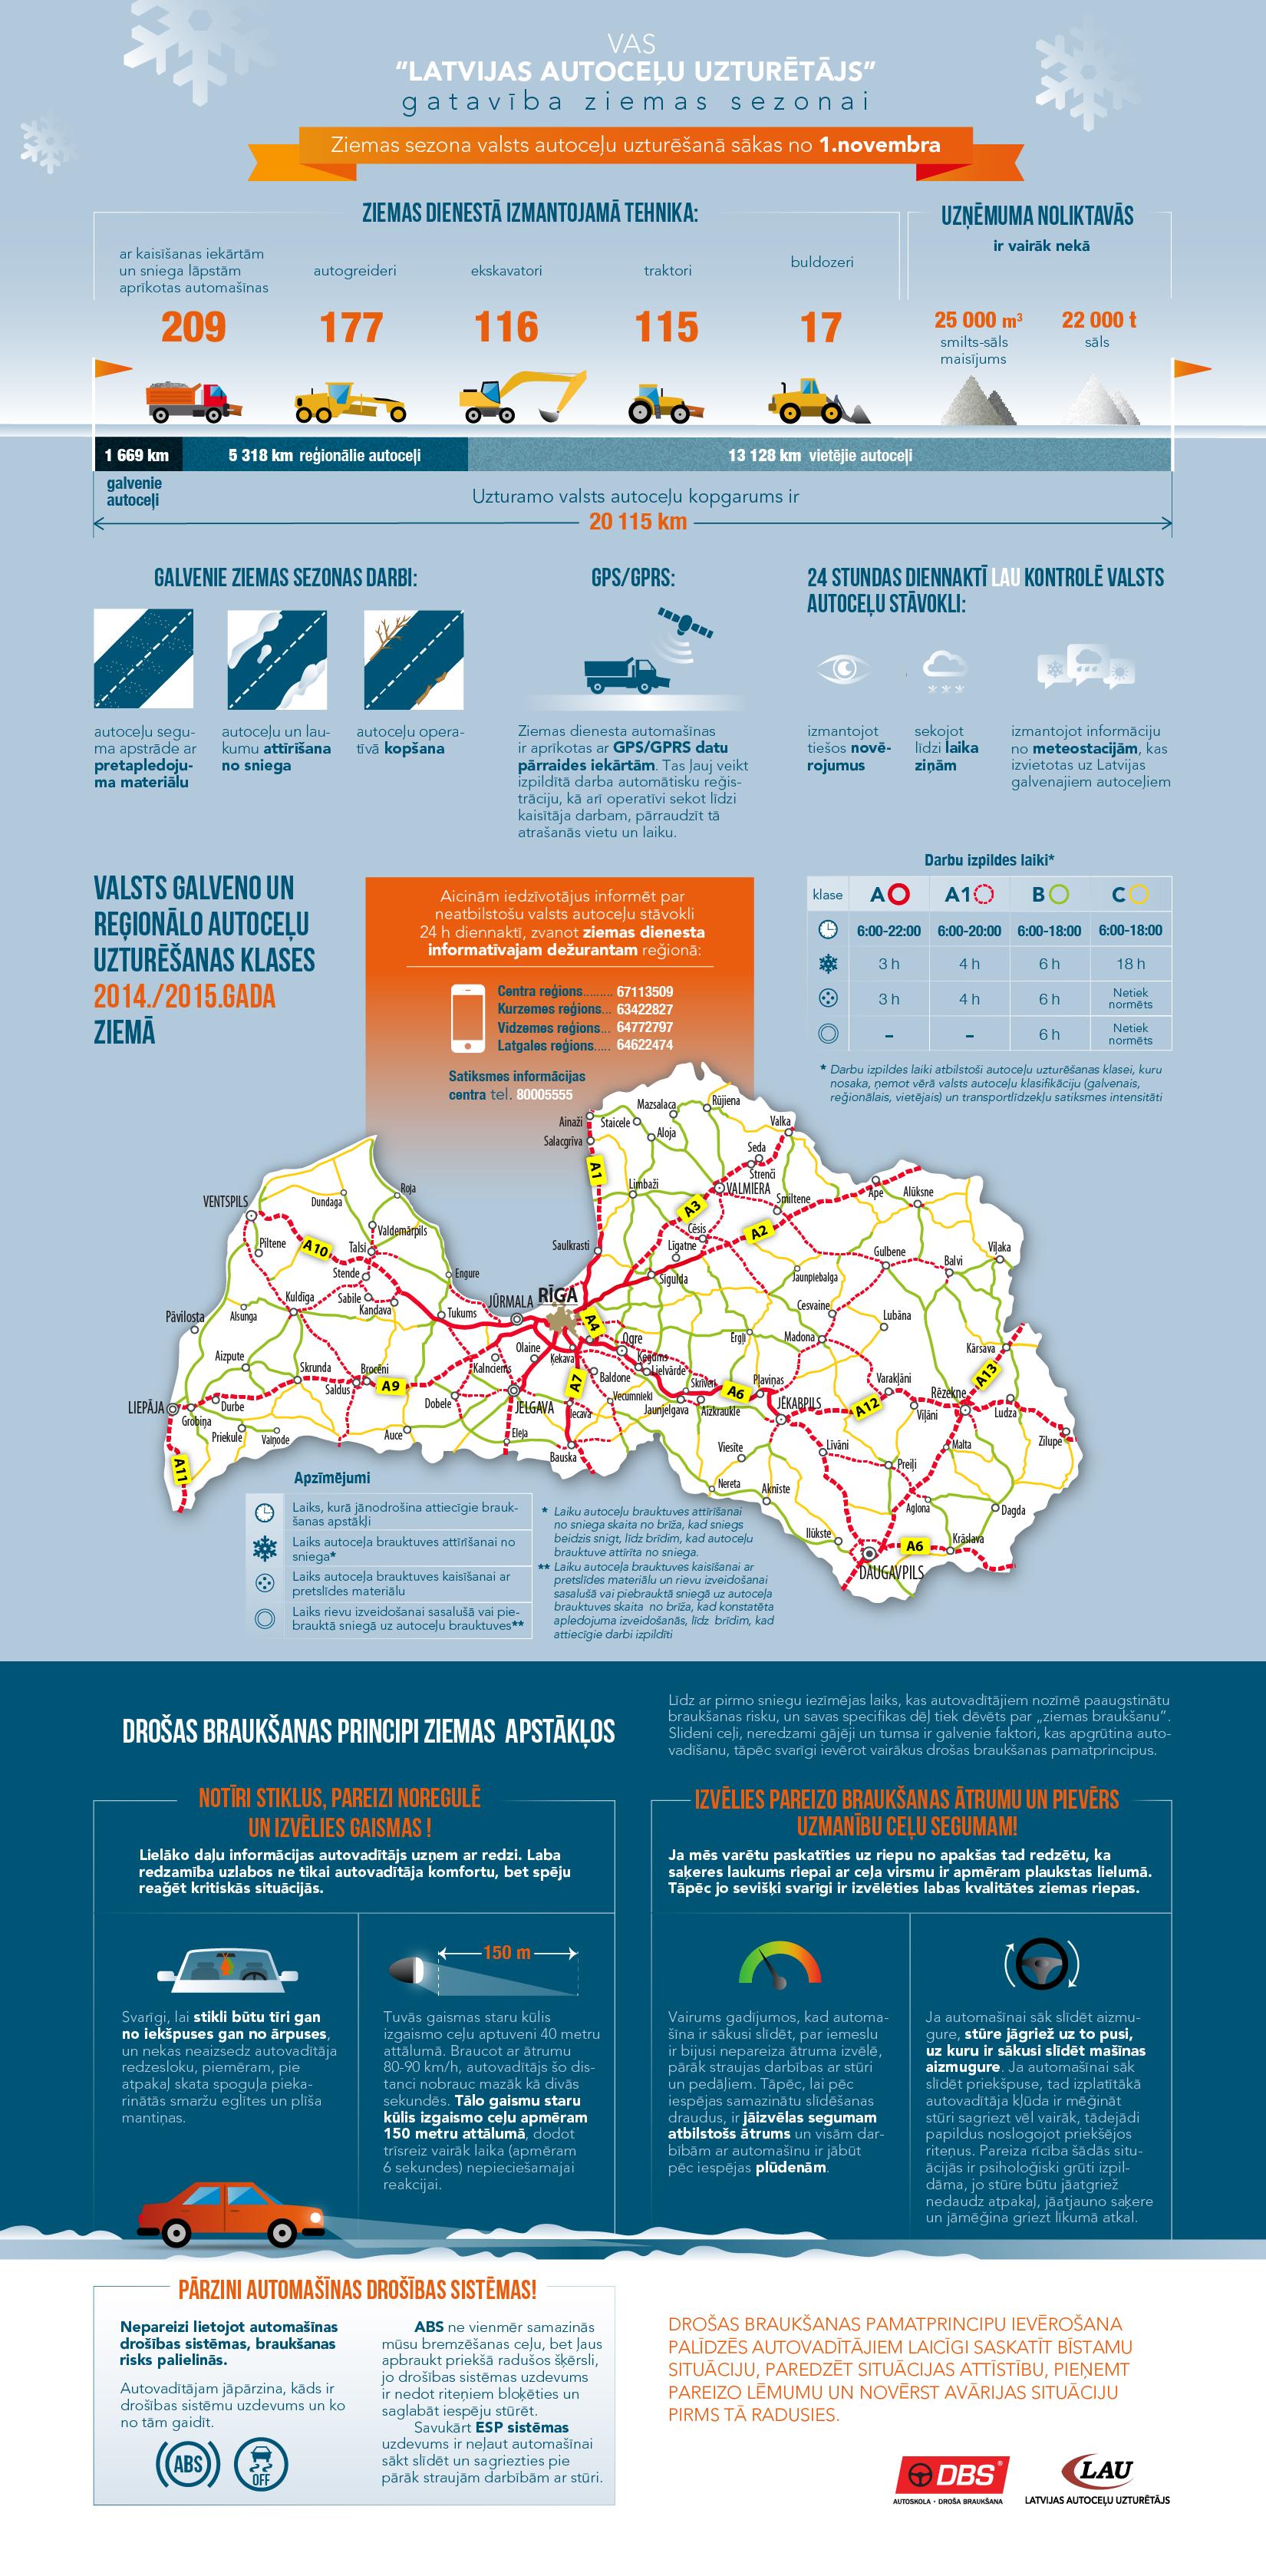 Infografika: Latvijas autoceļu uzturēšana ziemas sezonā